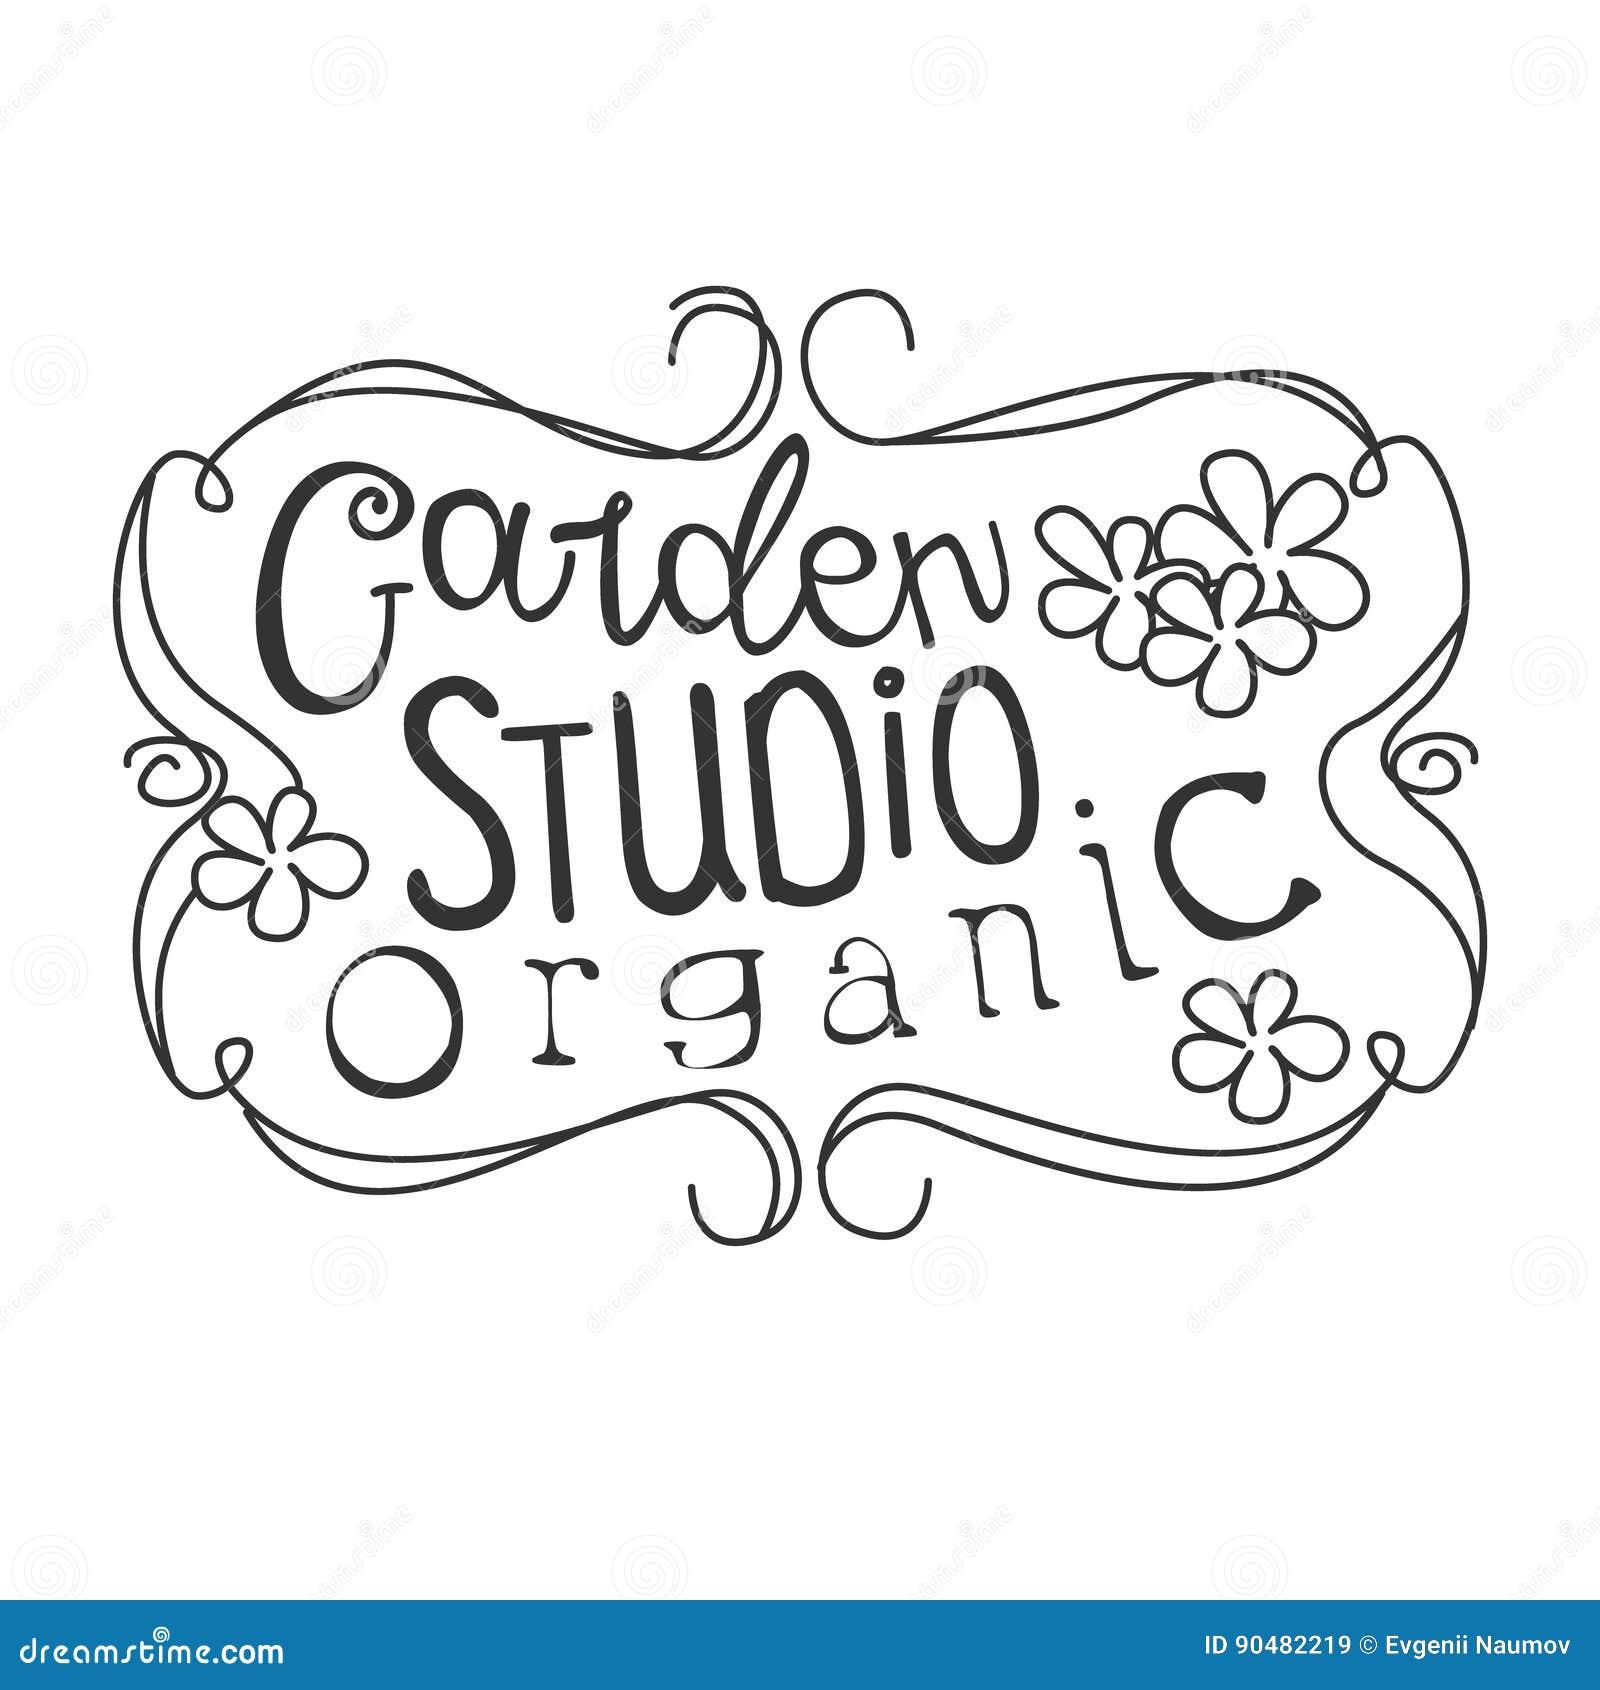 Plantilla blanco y negro del diseño de la muestra del promo del estudio orgánico del jardín con el texto caligráfico con el marco